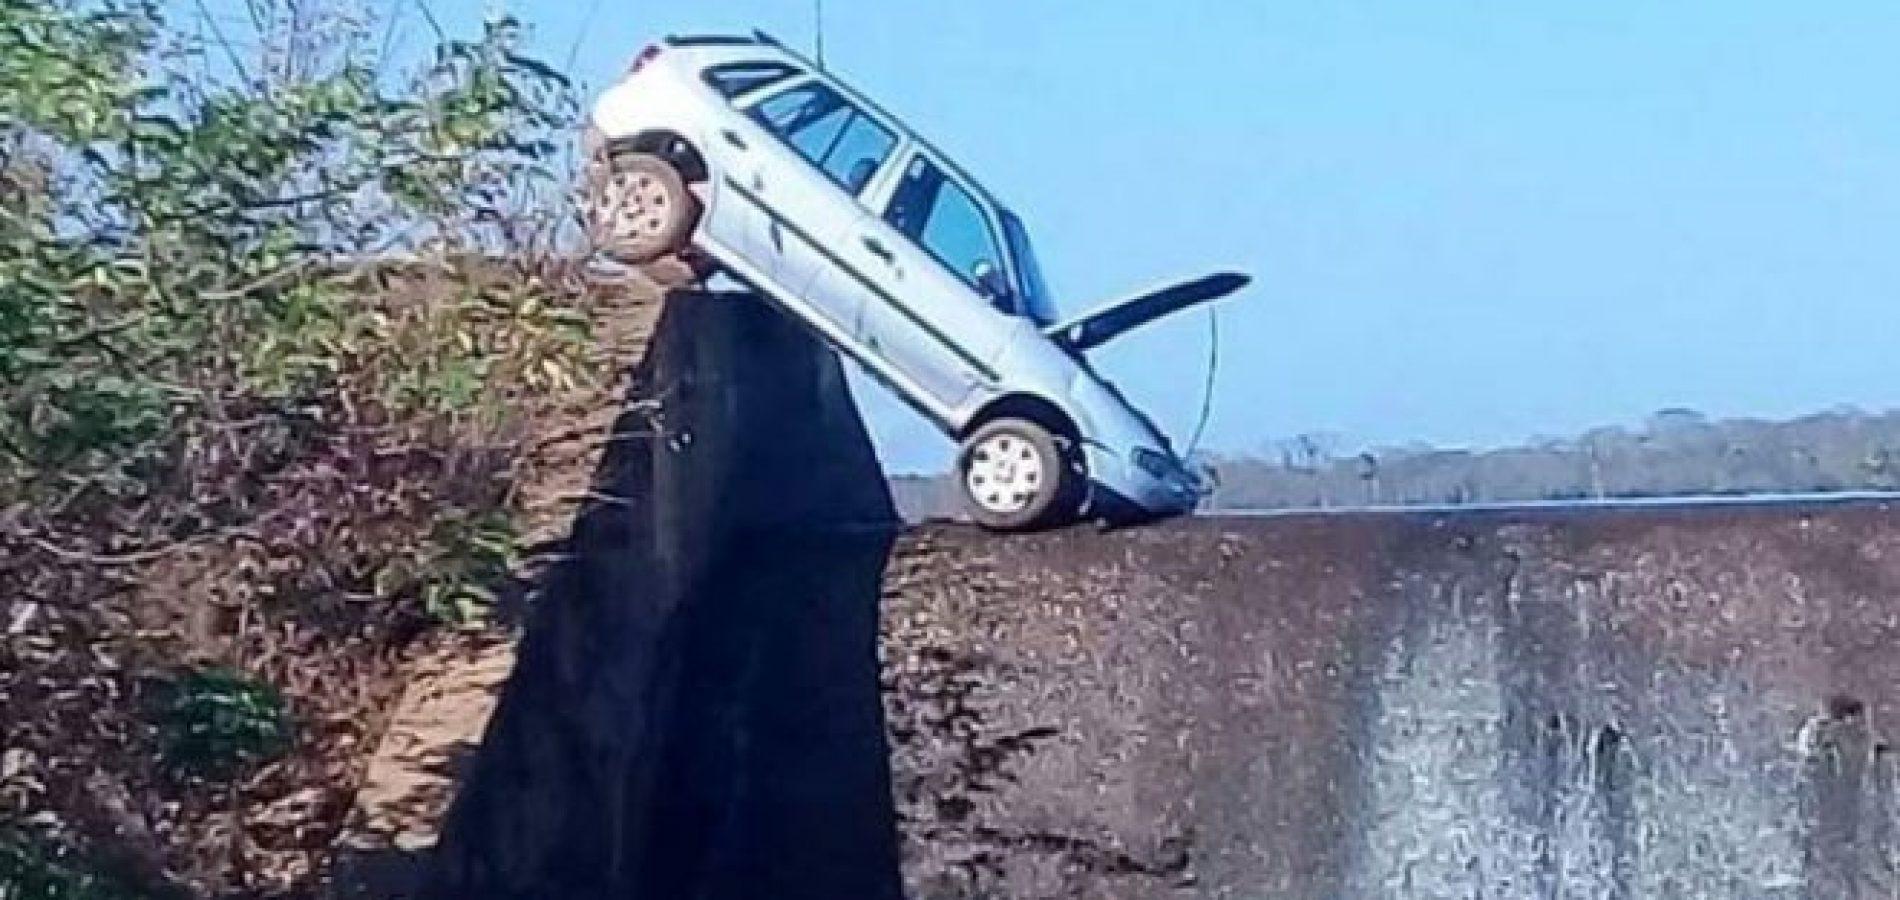 Turista perde controle de direção e carro fica preso em barragem no Piauí